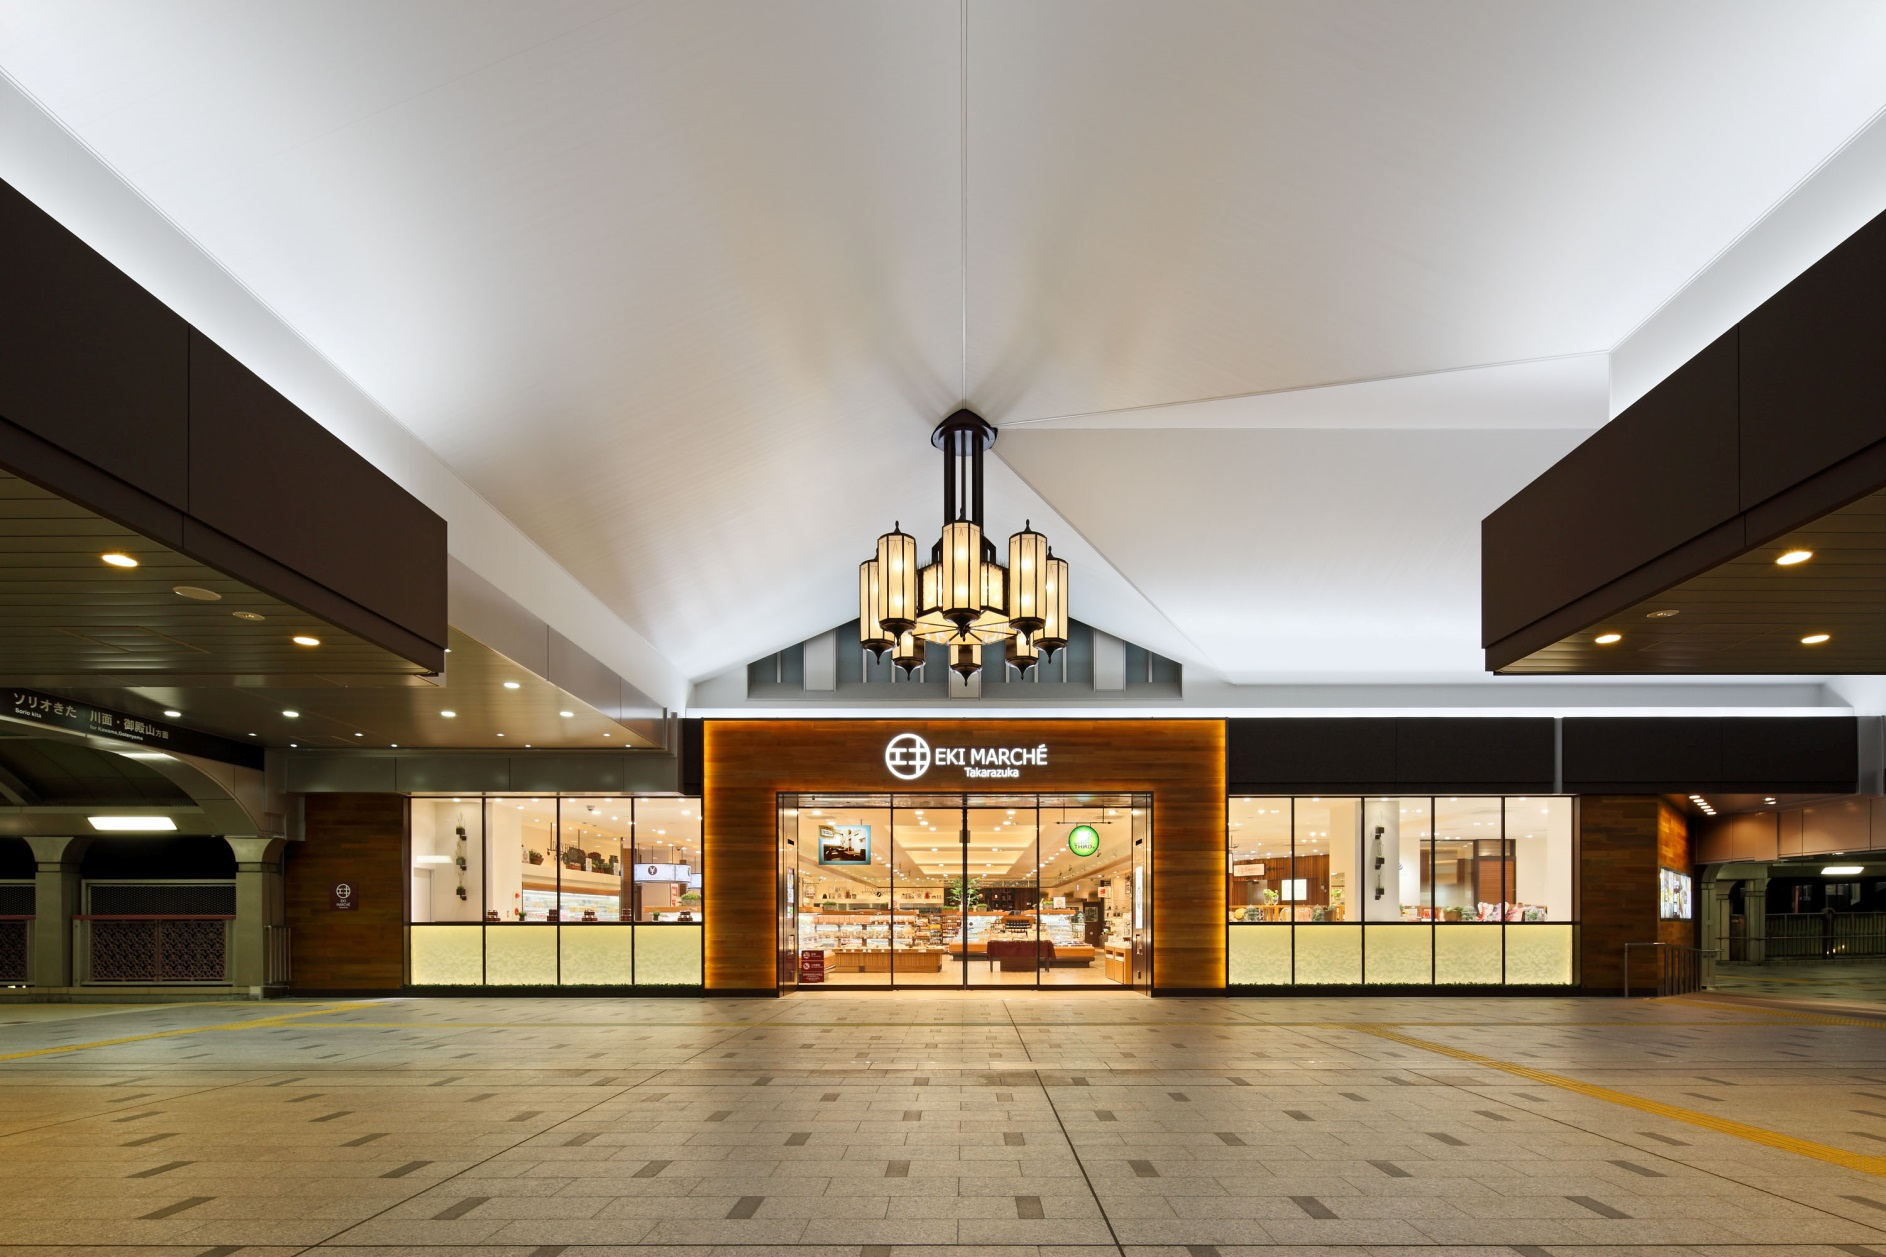 『エキマルシェ宝塚』に、新しいお店とATMがオープンします